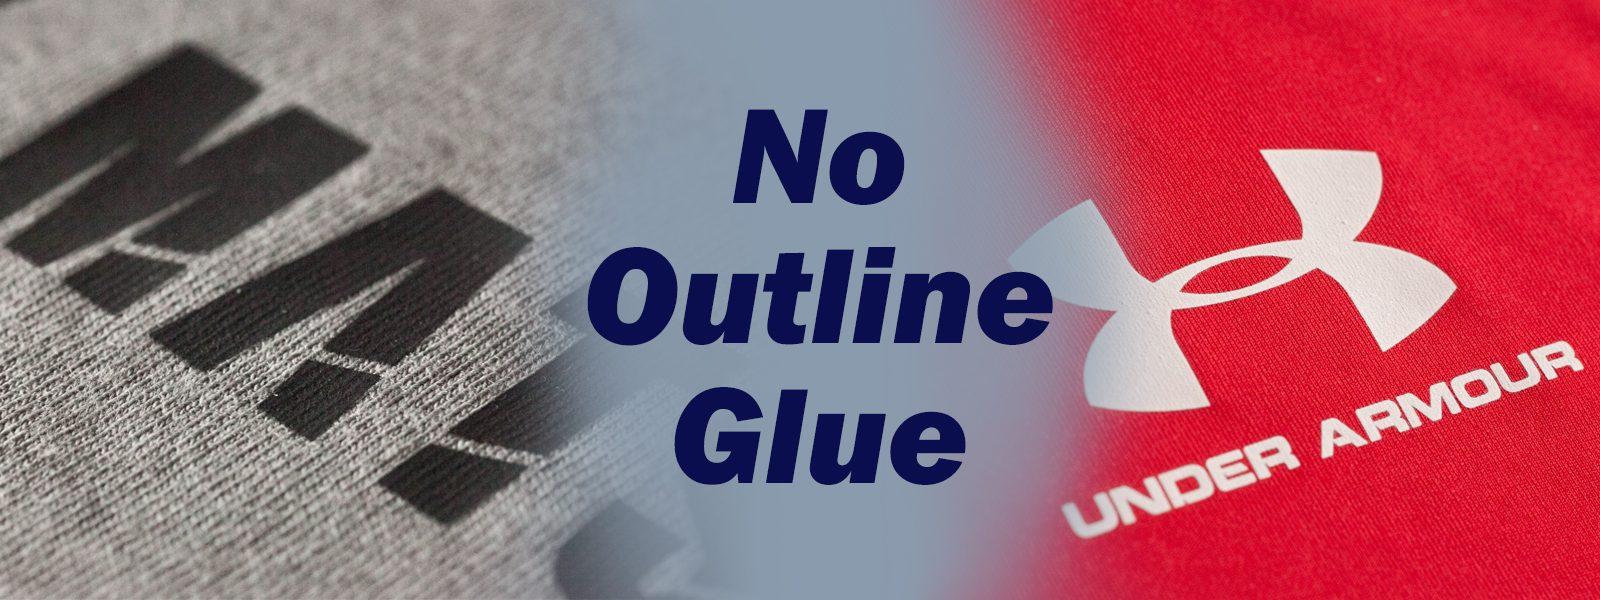 No Outline Glue